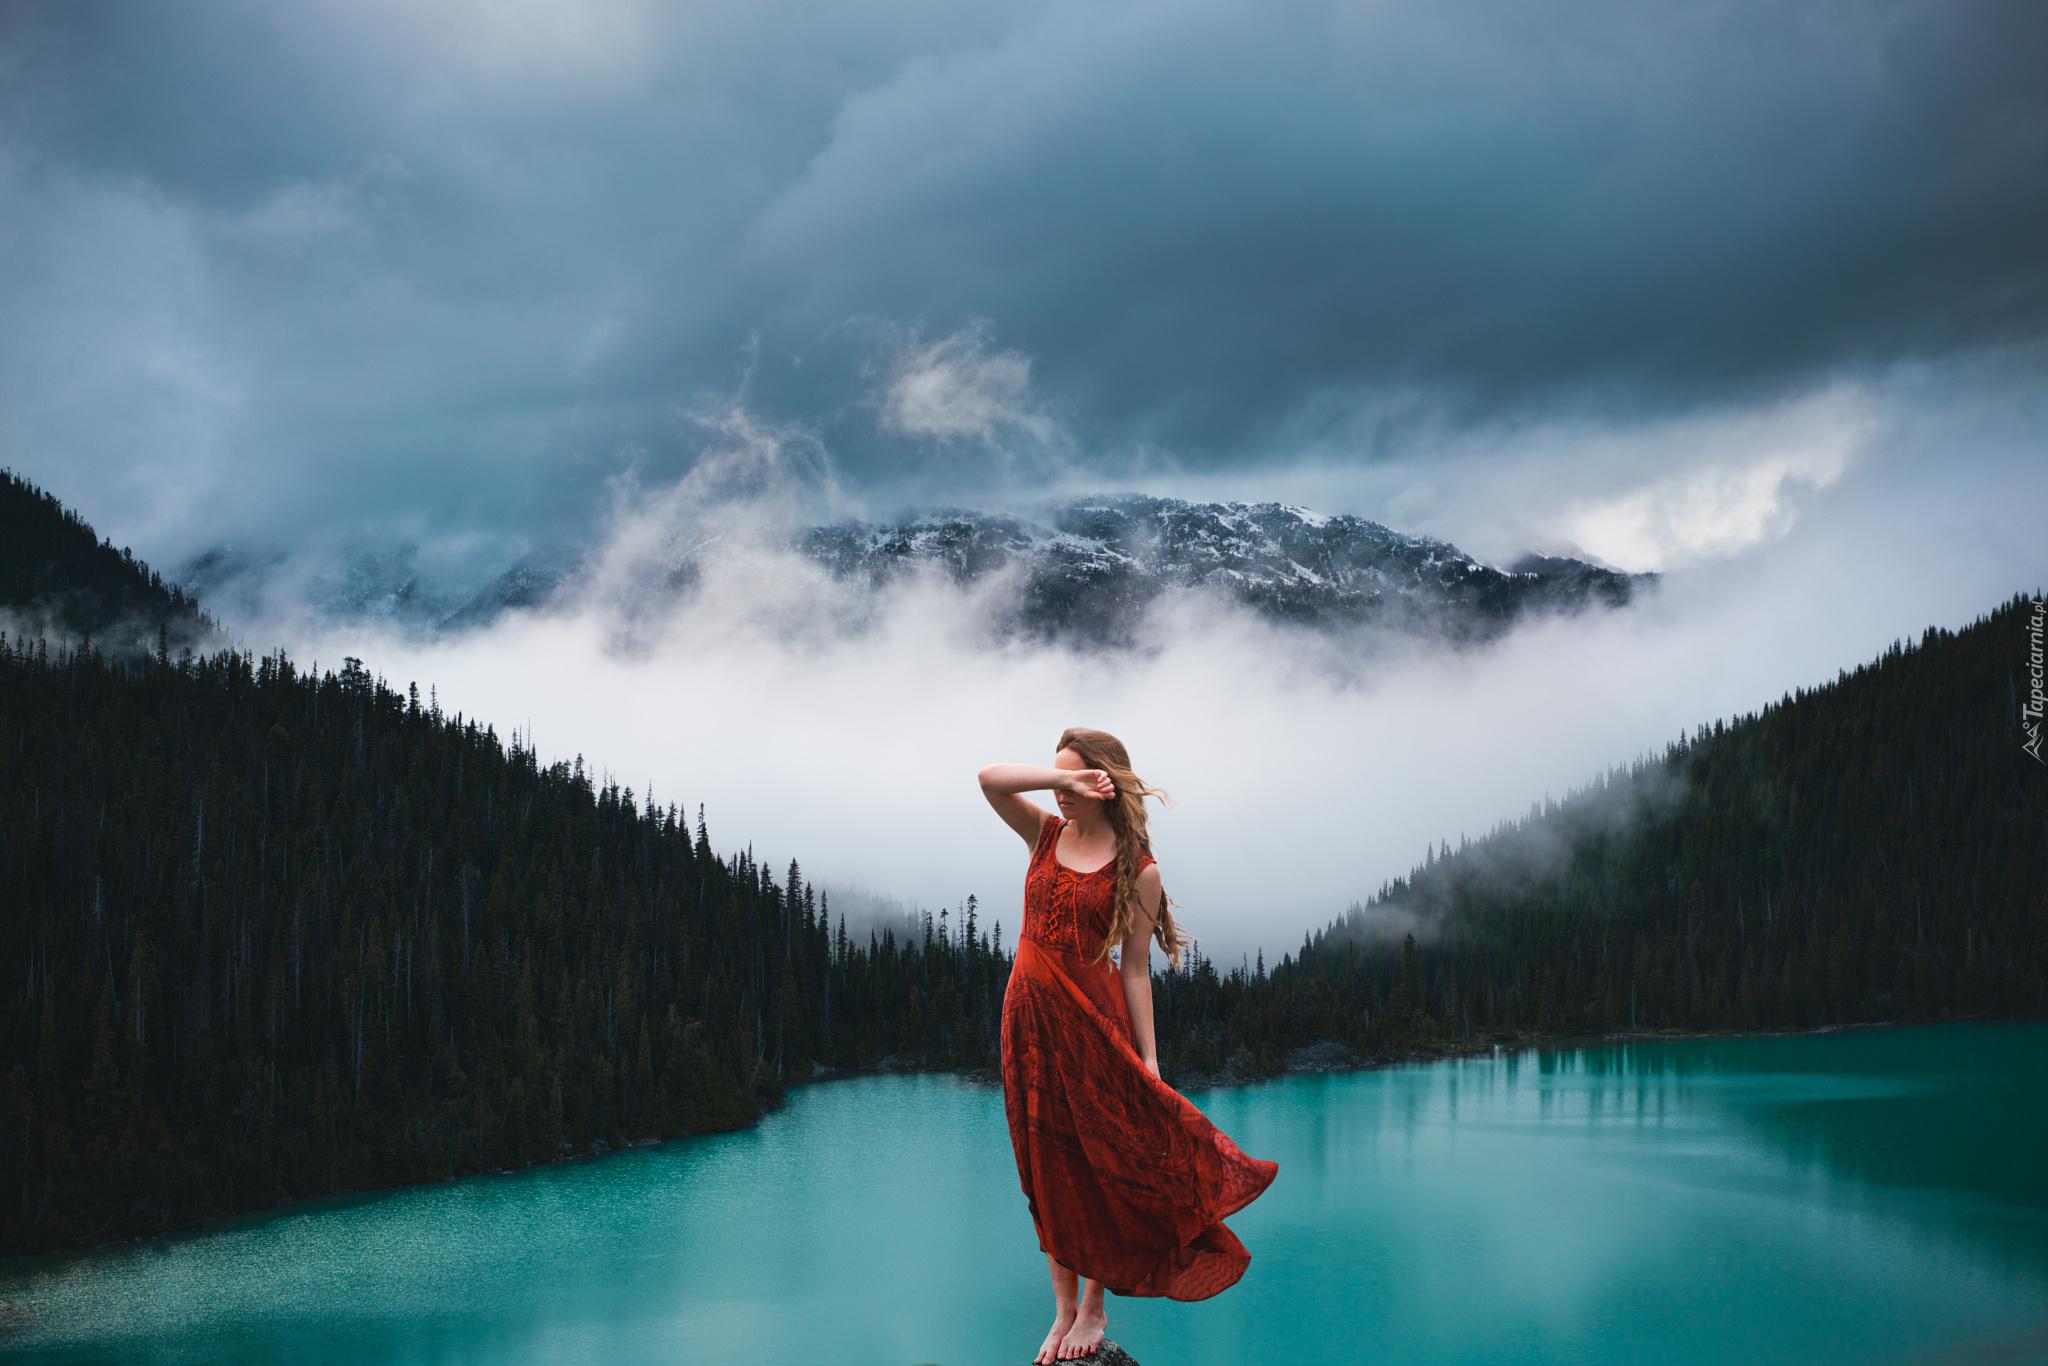 девушка камни обрыв горы озеро скачать